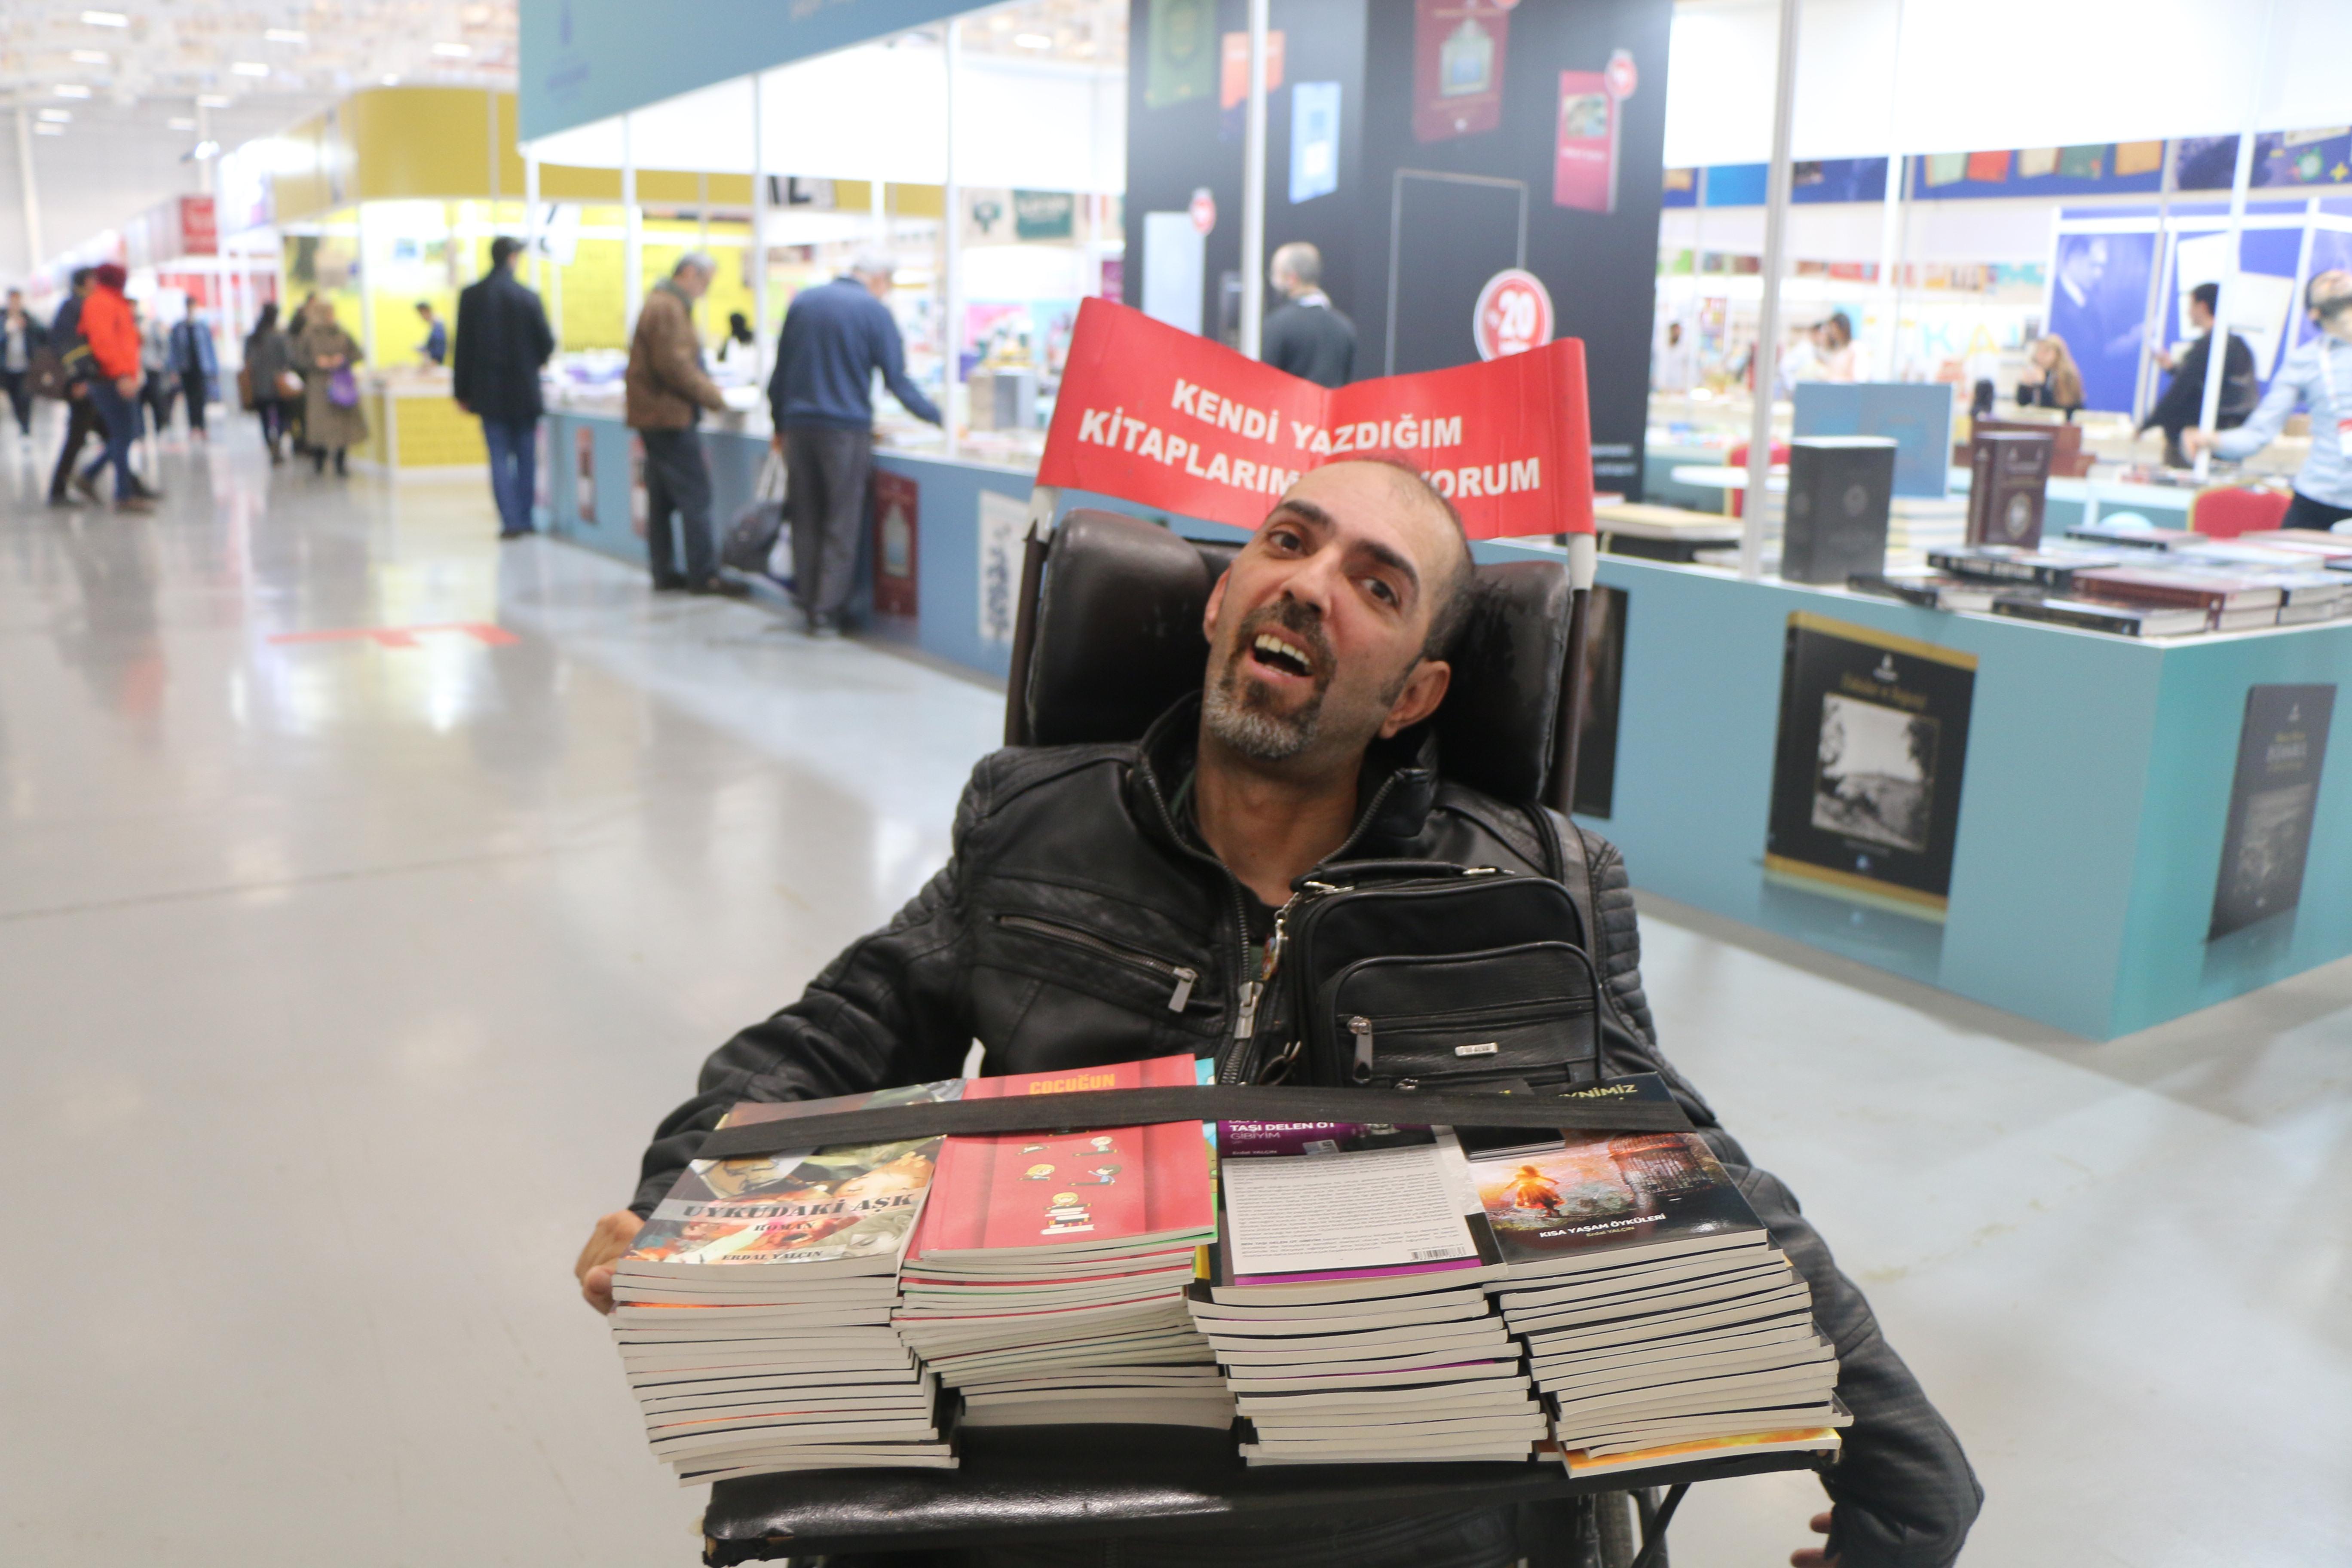 Tekerlekli Sandalyede 17 Kitap Kaleme Aldı: 'Yazmak Olmasaydı Çoktan Ölmüştüm'